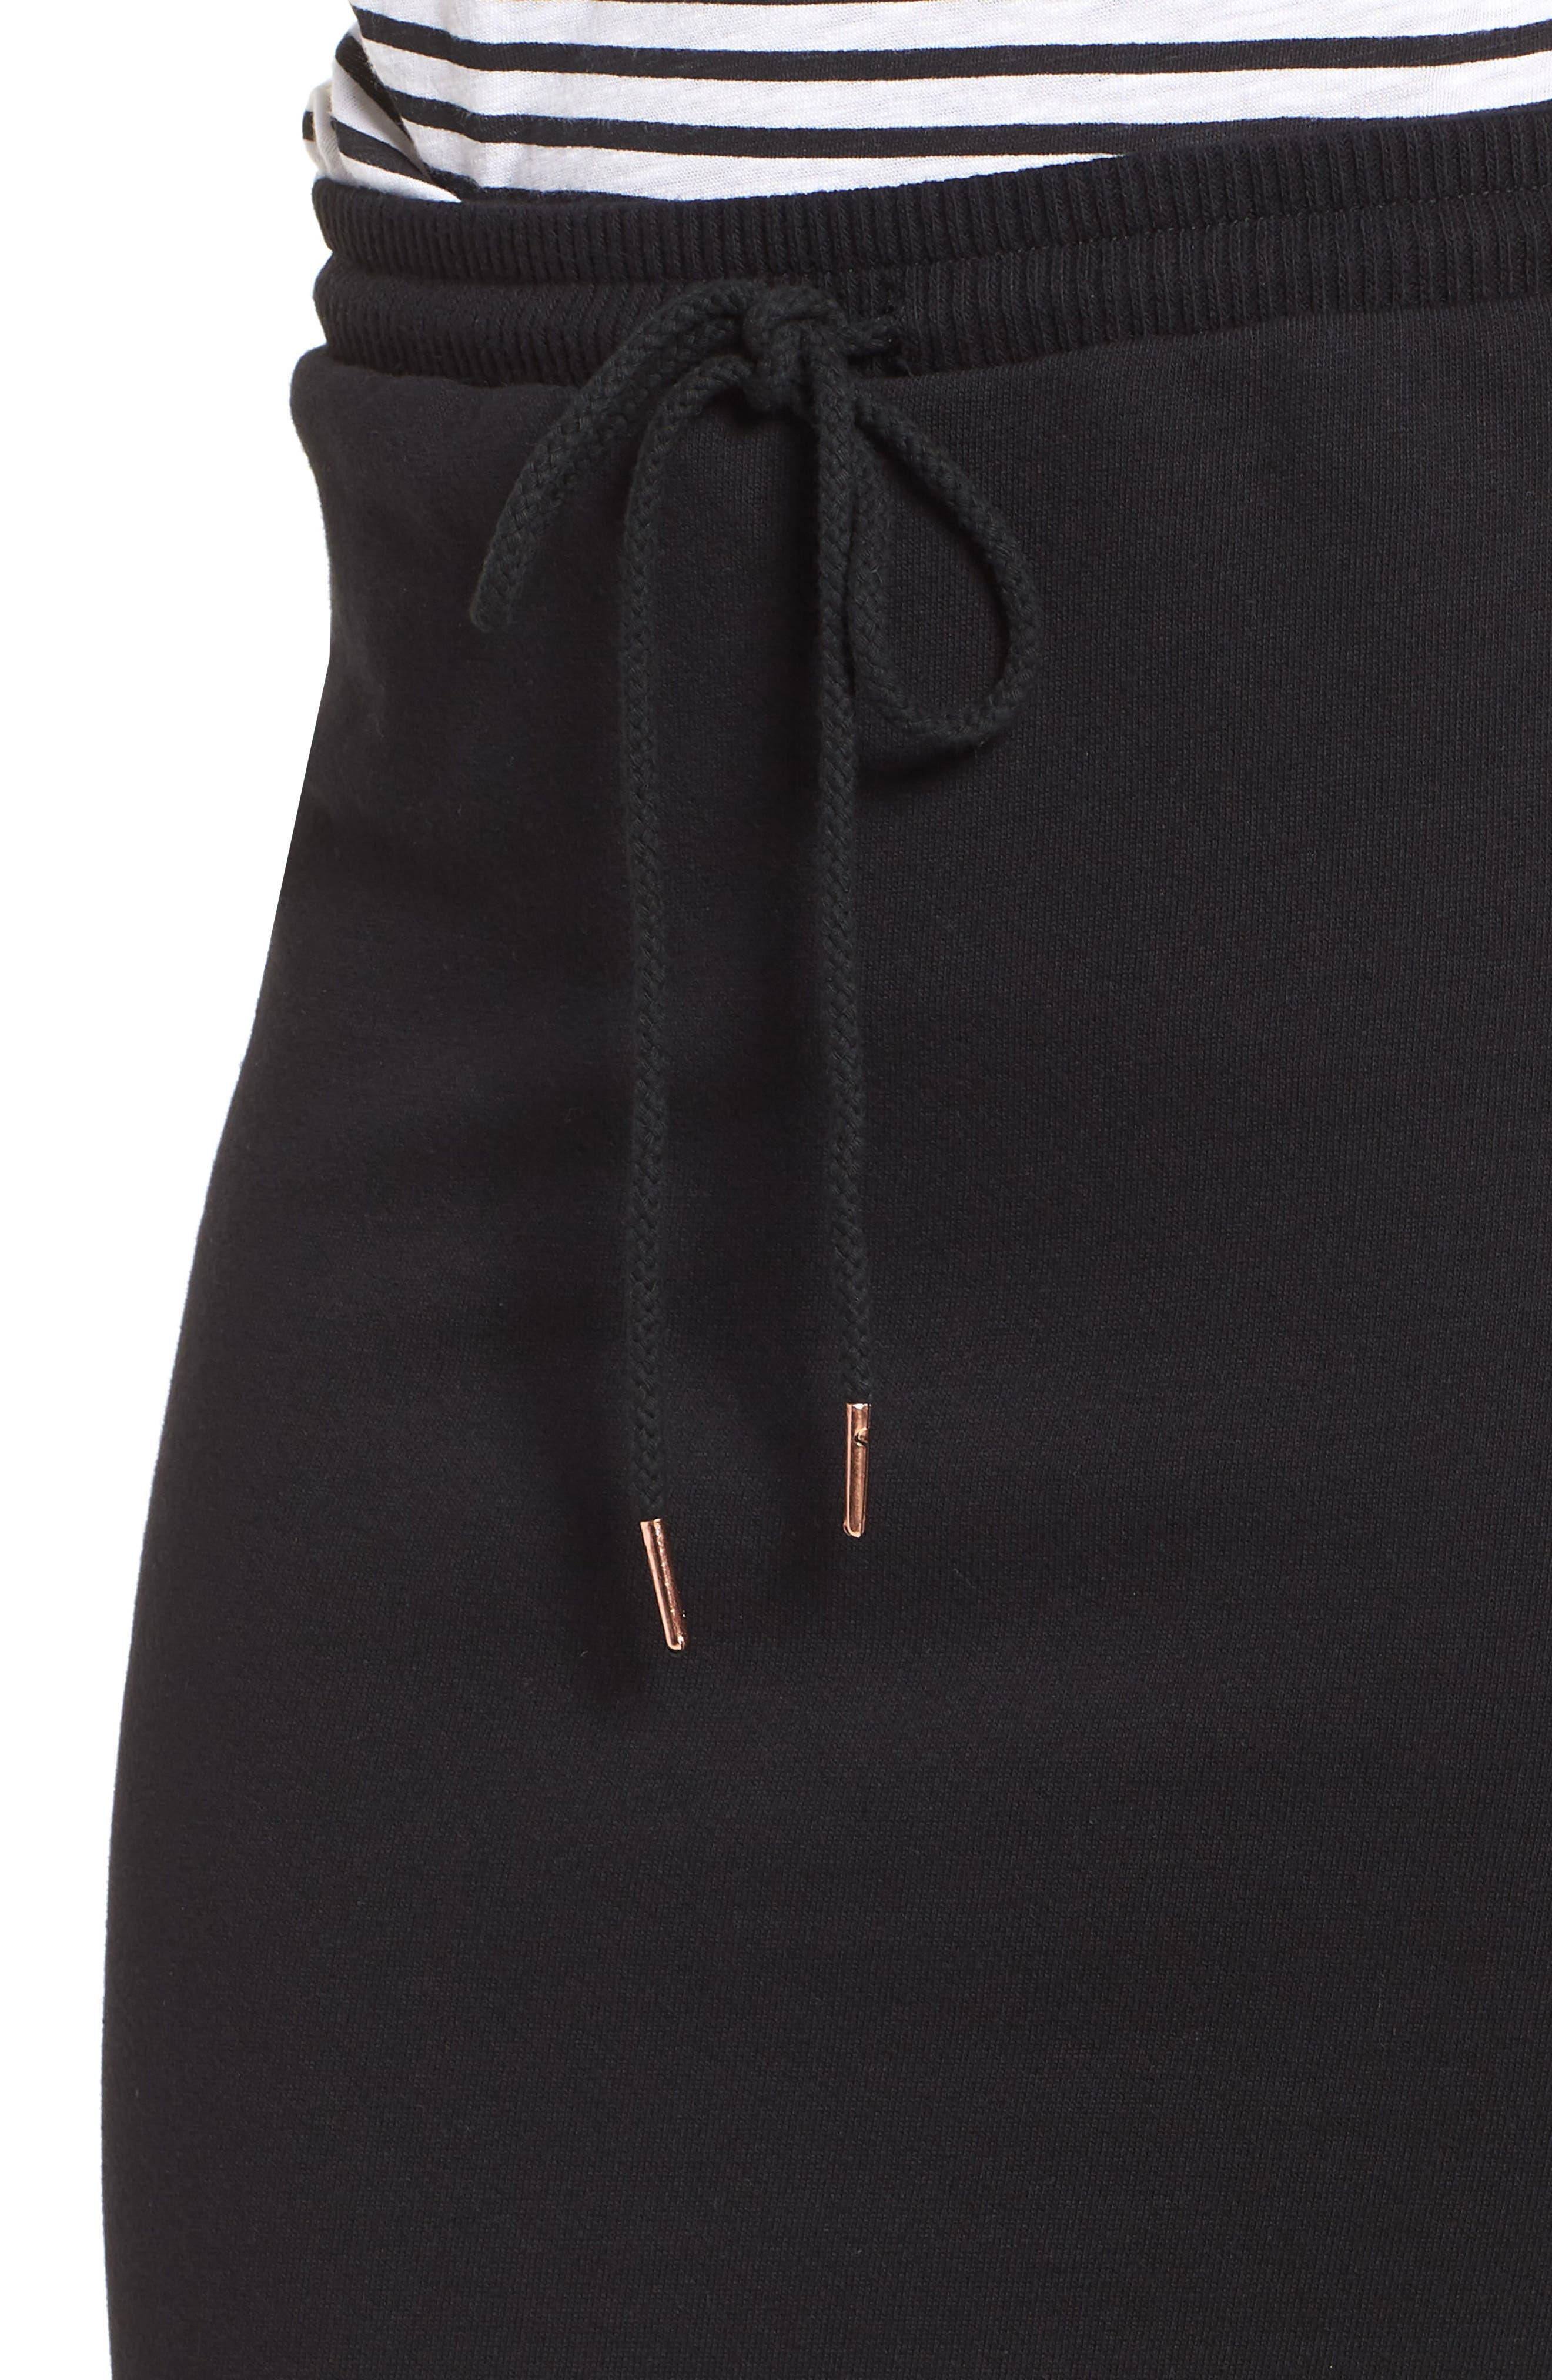 Off-Duty Drawstring Skirt,                             Alternate thumbnail 4, color,                             Black